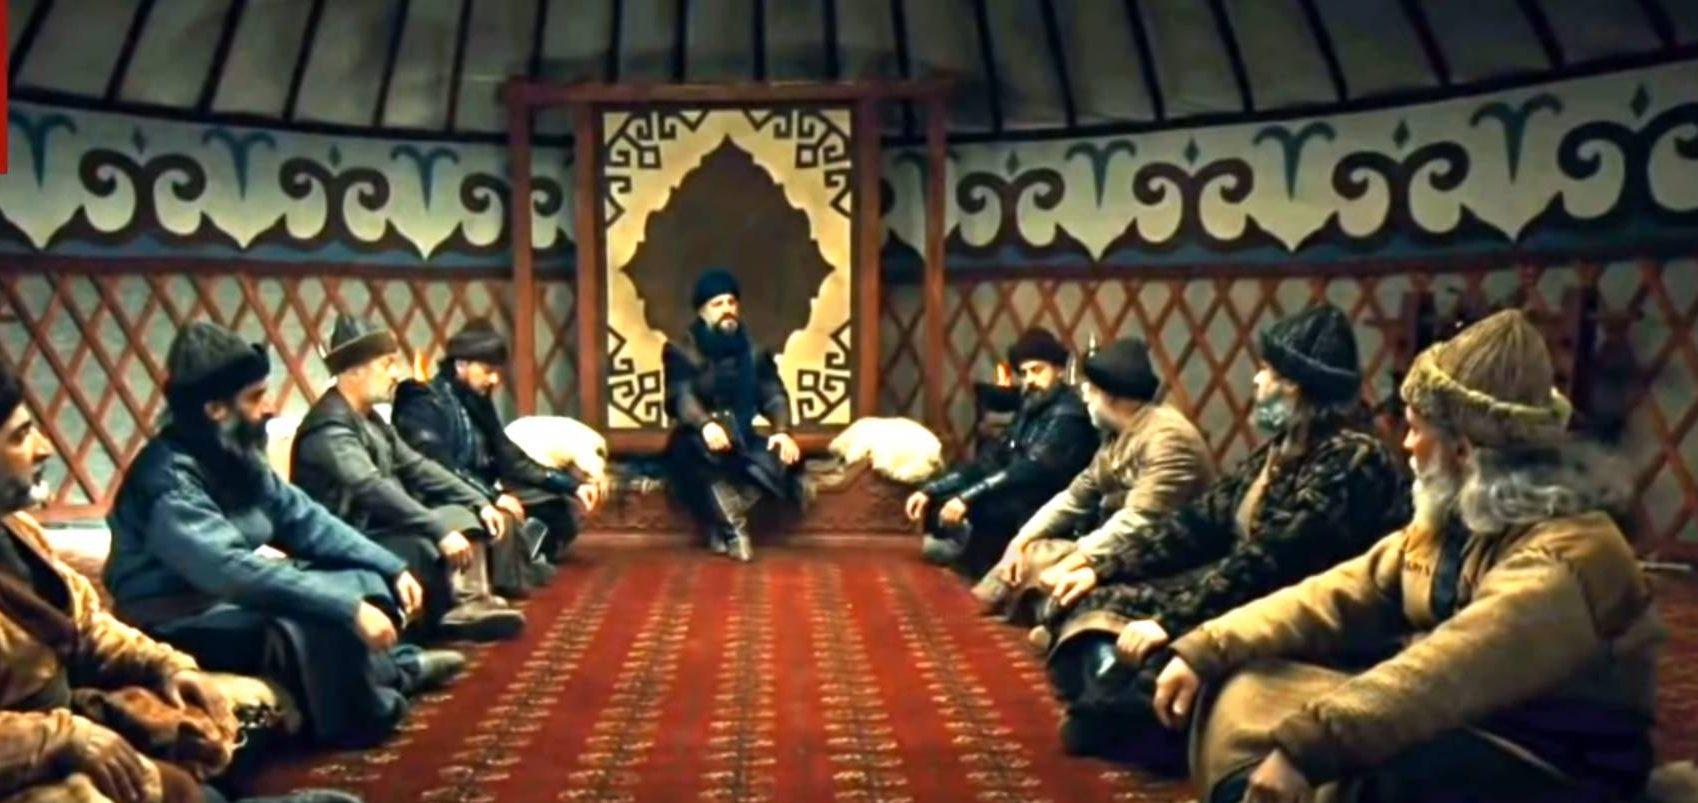 Ending Of Kurlus Osman S02E35